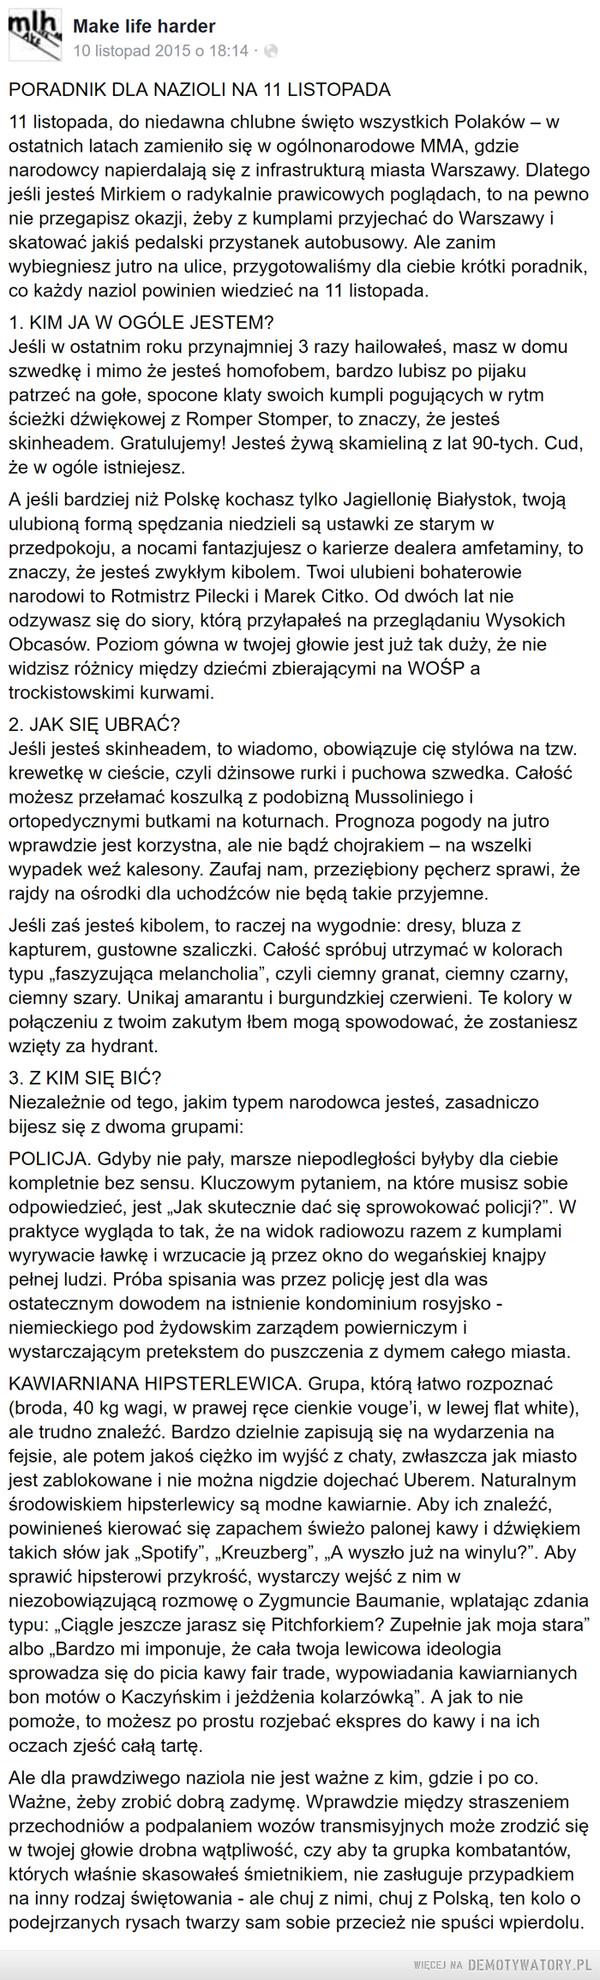 Poradnik na 11 listopada: –  PORADNIK DLA NAZIOLI NA 11 LISTOPADA11 listopada, do niedawna chlubne święto wszystkich Polaków – w ostatnich latach zamieniło się w ogólnonarodowe MMA, gdzie narodowcy napierdalają się z infrastrukturą miasta Warszawy. Dlatego jeśli jesteś Mirkiem o radykalnie prawicowych poglądach, to na pewno nie przegapisz okazji, żeby z kumplami przyjechać do Warszawy i skatować jakiś pedalski przystanek autobusowy. Ale zanim wybiegniesz jutro na ulice, przygotowaliśmy dla ciebie krótki poradnik, co każdy naziol powinien wiedzieć na 11 listopada.1. KIM JA W OGÓLE JESTEM?Jeśli w ostatnim roku przynajmniej 3 razy hailowałeś, masz w domu szwedkę i mimo że jesteś homofobem, bardzo lubisz po pijaku patrzeć na gołe, spocone klaty swoich kumpli pogujących w rytm ścieżki dźwiękowej z Romper Stomper, to znaczy, że jesteś skinheadem. Gratulujemy! Jesteś żywą skamieliną z lat 90-tych. Cud, że w ogóle istniejesz.A jeśli bardziej niż Polskę kochasz tylko Jagiellonię Białystok, twoją ulubioną formą spędzania niedzieli są ustawki ze starym w przedpokoju, a nocami fantazjujesz o karierze dealera amfetaminy, to znaczy, że jesteś zwykłym kibolem. Twoi ulubieni bohaterowie narodowi to Rotmistrz Pilecki i Marek Citko. Od dwóch lat nie odzywasz się do siory, którą przyłapałeś na przeglądaniu Wysokich Obcasów. Poziom gówna w twojej głowie jest już tak duży, że nie widzisz różnicy między dziećmi zbierającymi na WOŚP a trockistowskimi kurwami.2. JAK SIĘ UBRAĆ?Jeśli jesteś skinheadem, to wiadomo, obowiązuje cię stylówa na tzw. krewetkę w cieście, czyli dżinsowe rurki i puchowa szwedka. Całość możesz przełamać koszulką z podobizną Mussoliniego i ortopedycznymi butkami na koturnach. Prognoza pogody na jutro wprawdzie jest korzystna, ale nie bądź chojrakiem – na wszelki wypadek weź kalesony. Zaufaj nam, przeziębiony pęcherz sprawi, że rajdy na ośrodki dla uchodźców nie będą takie przyjemne.Jeśli zaś jesteś kibolem, to raczej na wygodnie: dresy, bluza z kapturem, gustowne szali